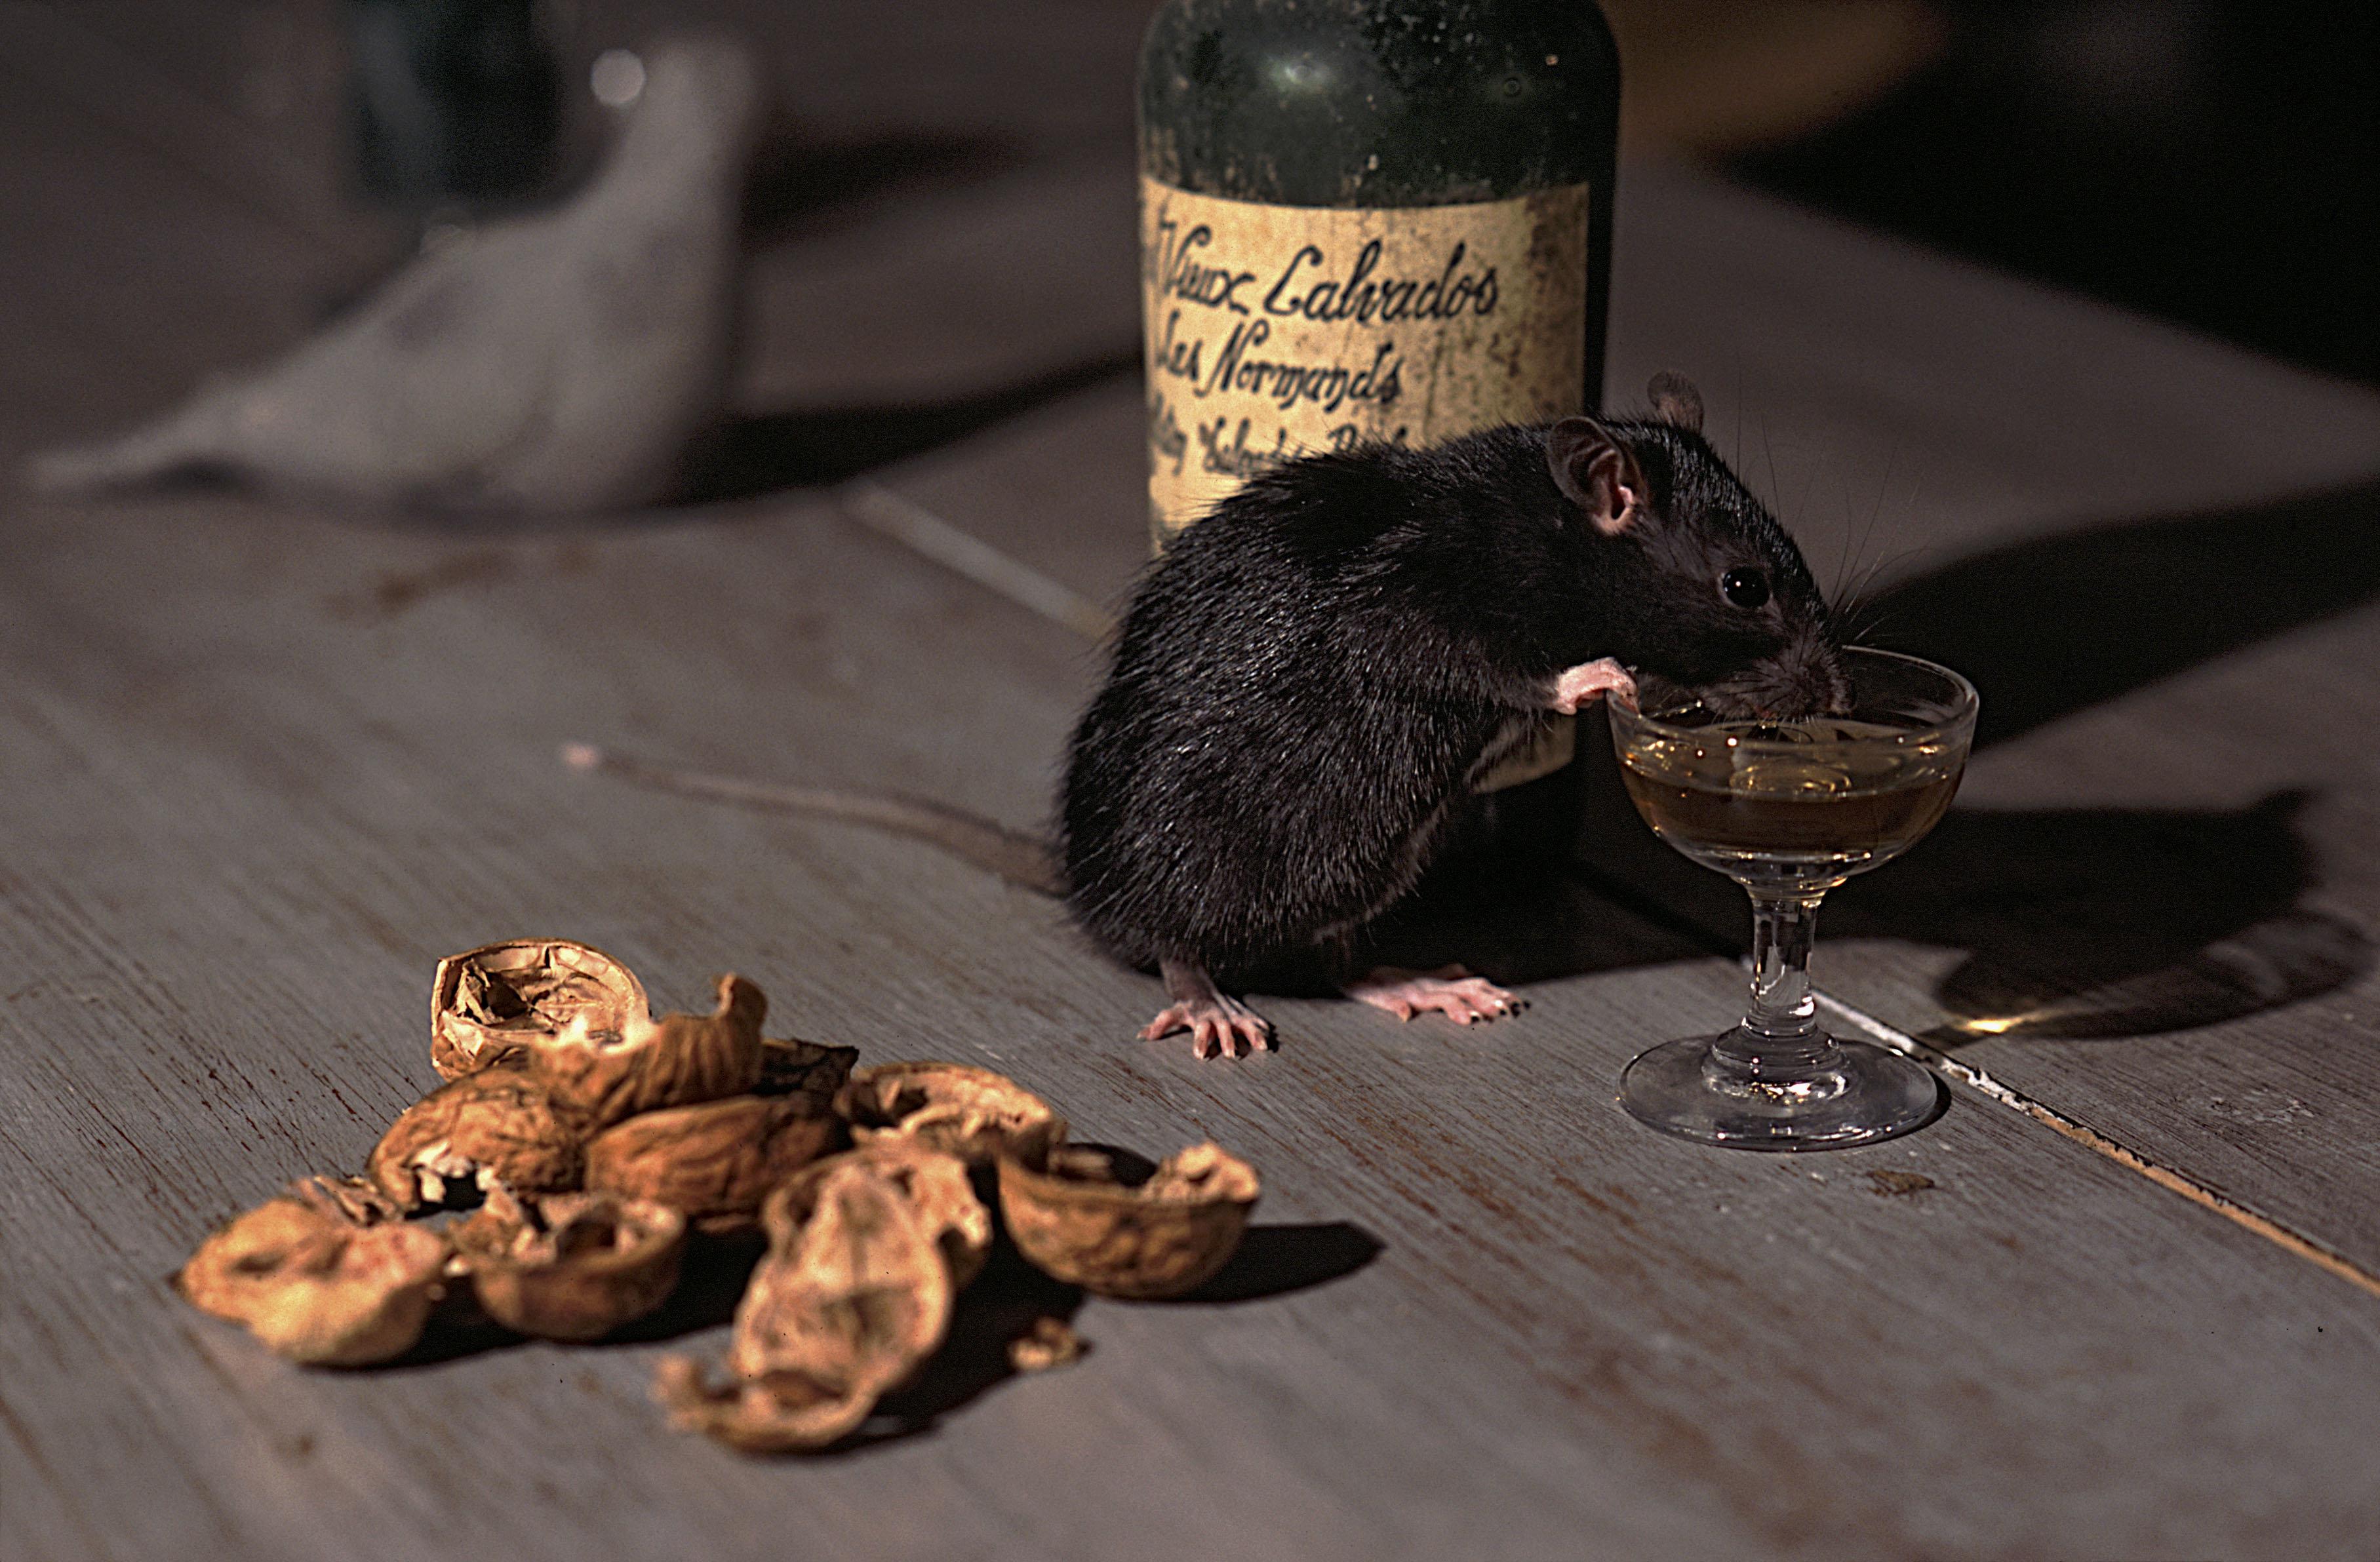 Επανάσταση: Ερευνητές θεράπευσαν τον αλκοολισμό σε